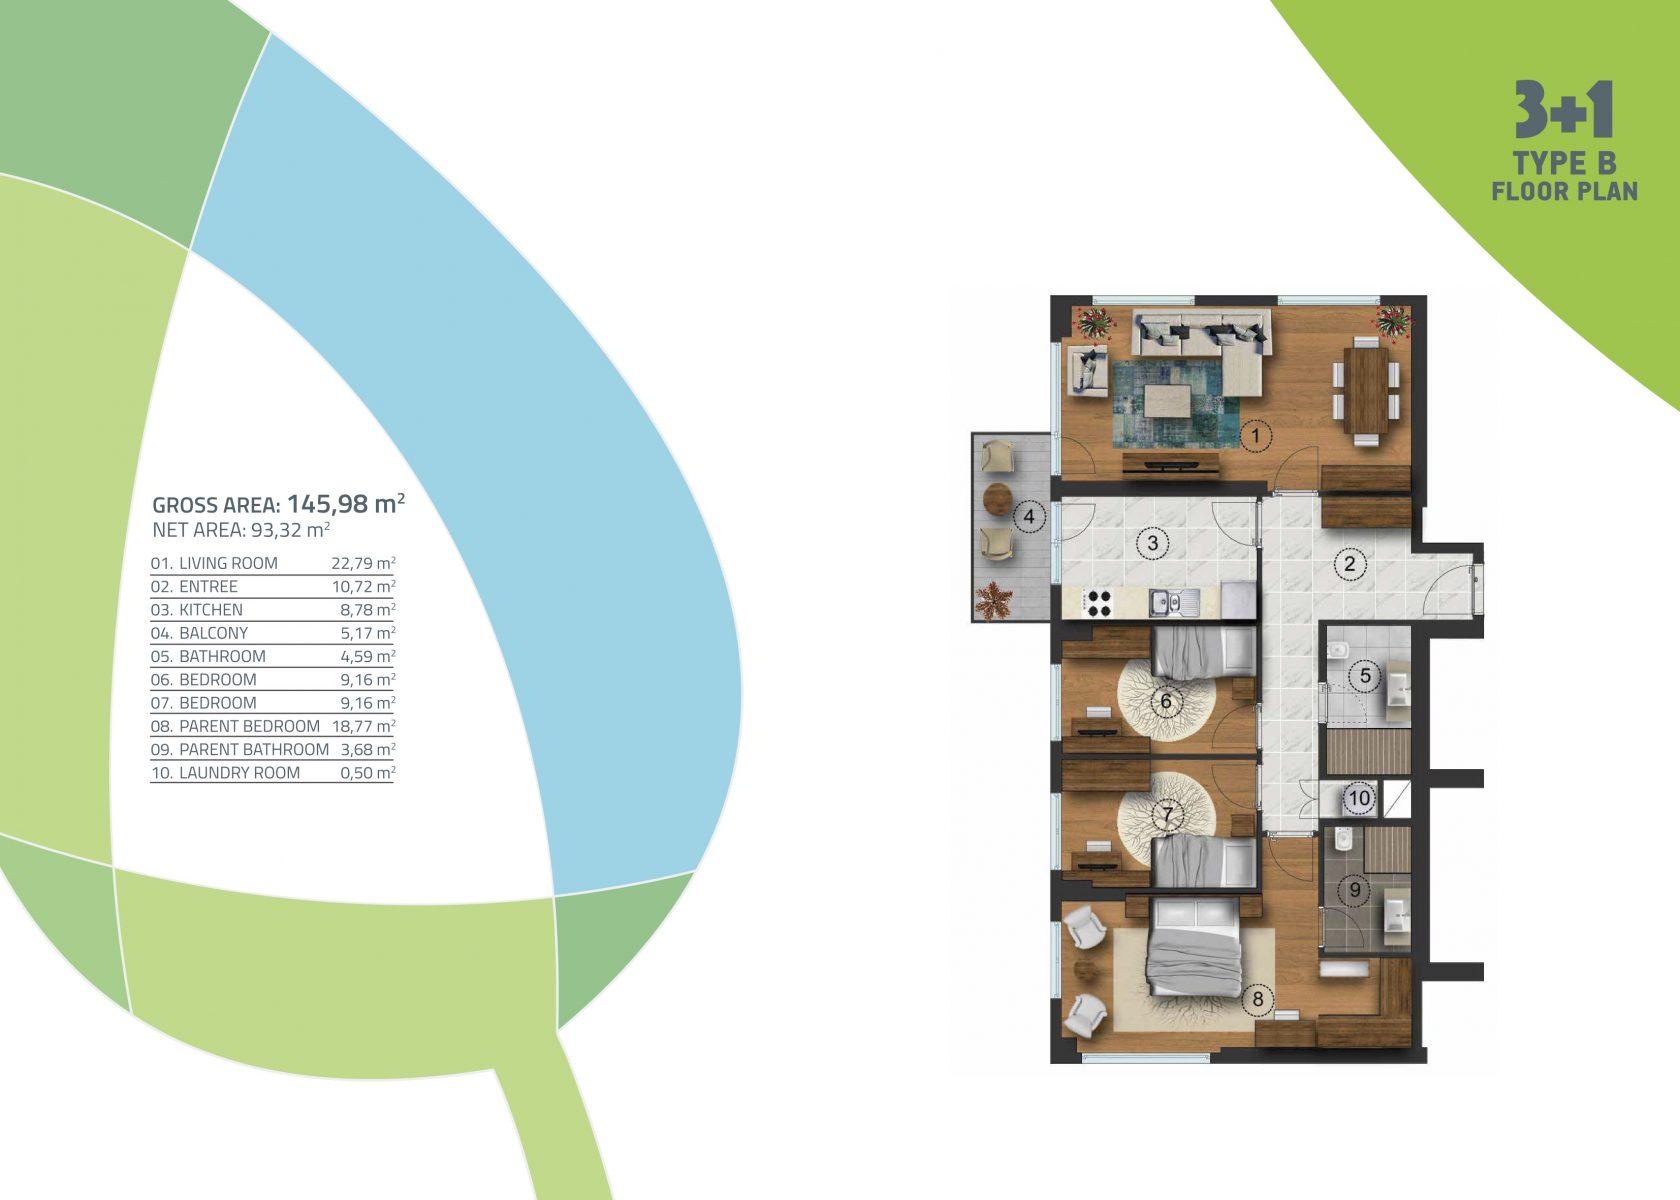 3 bedroom 145.98 sqm